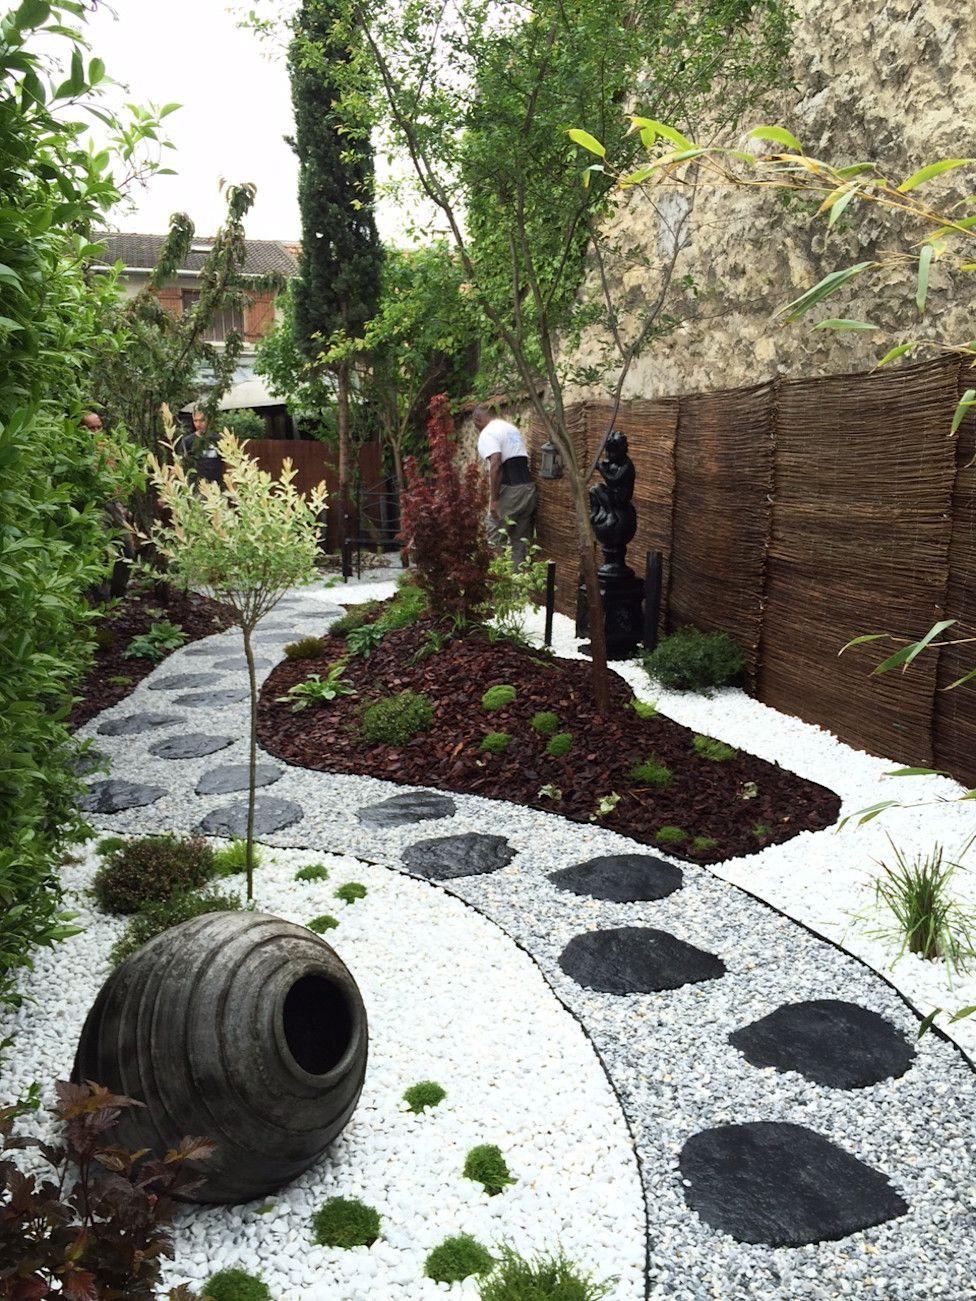 6 Jardins A Couper Le Souffle Gravier Decoratif Jardin Zen